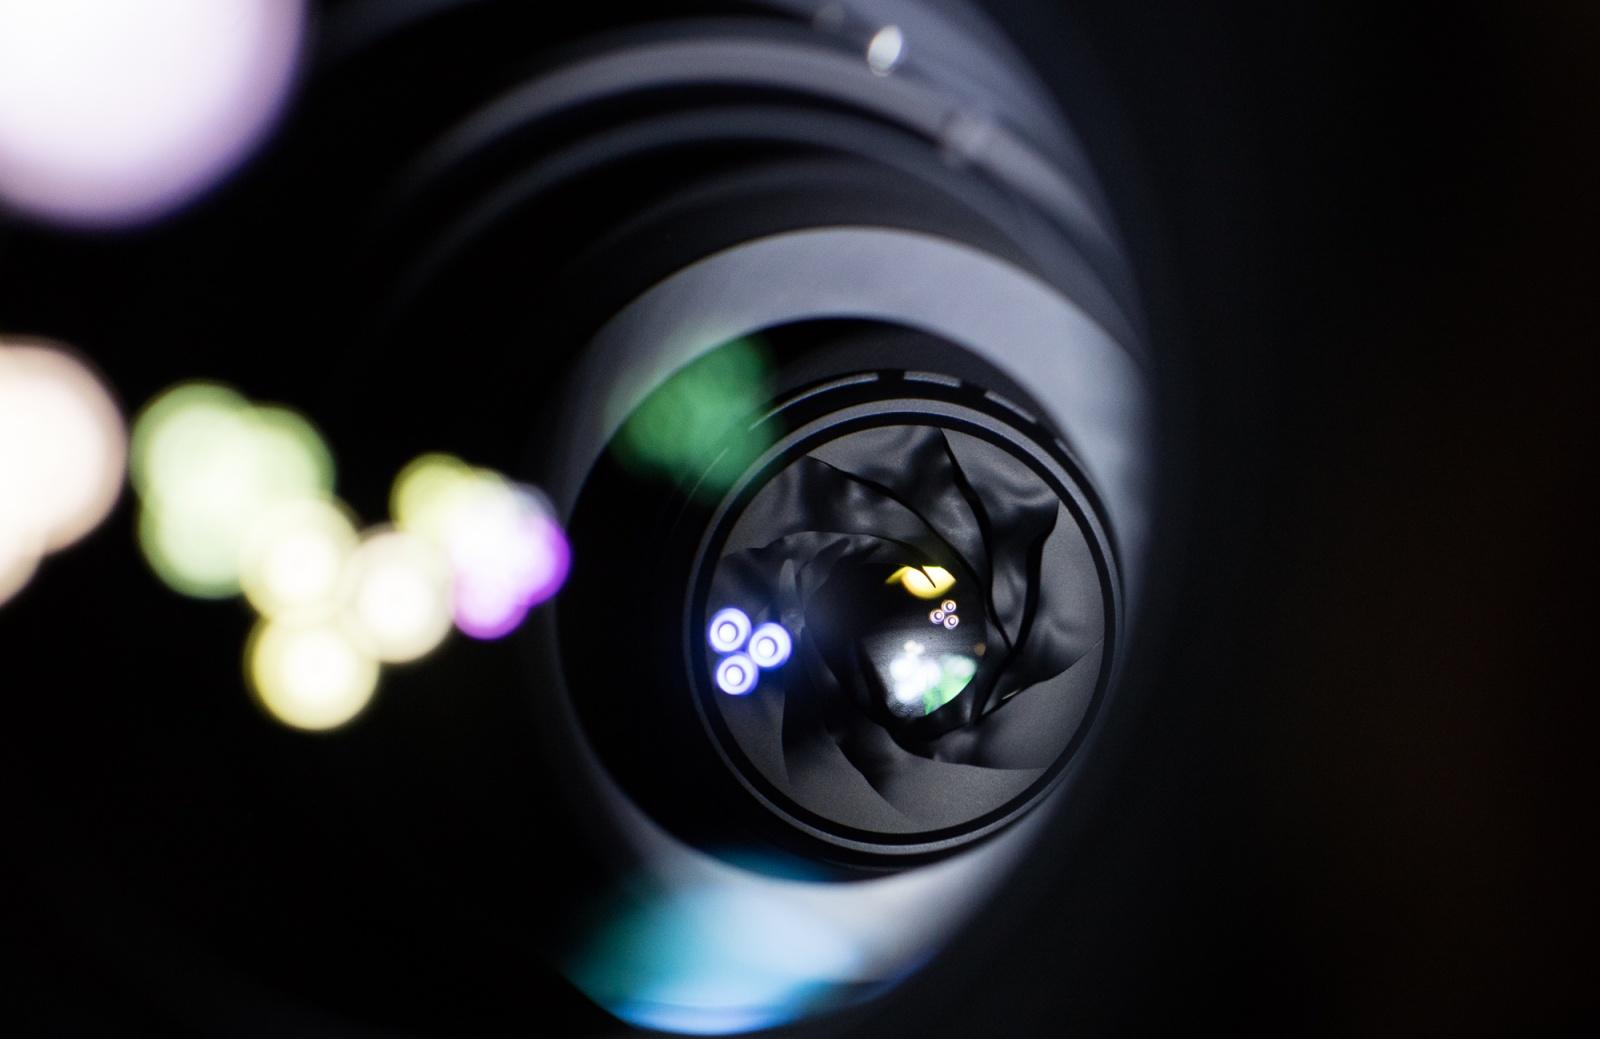 Прокатное фотографическое оборудование, повреждённое солнечным затмением - 11